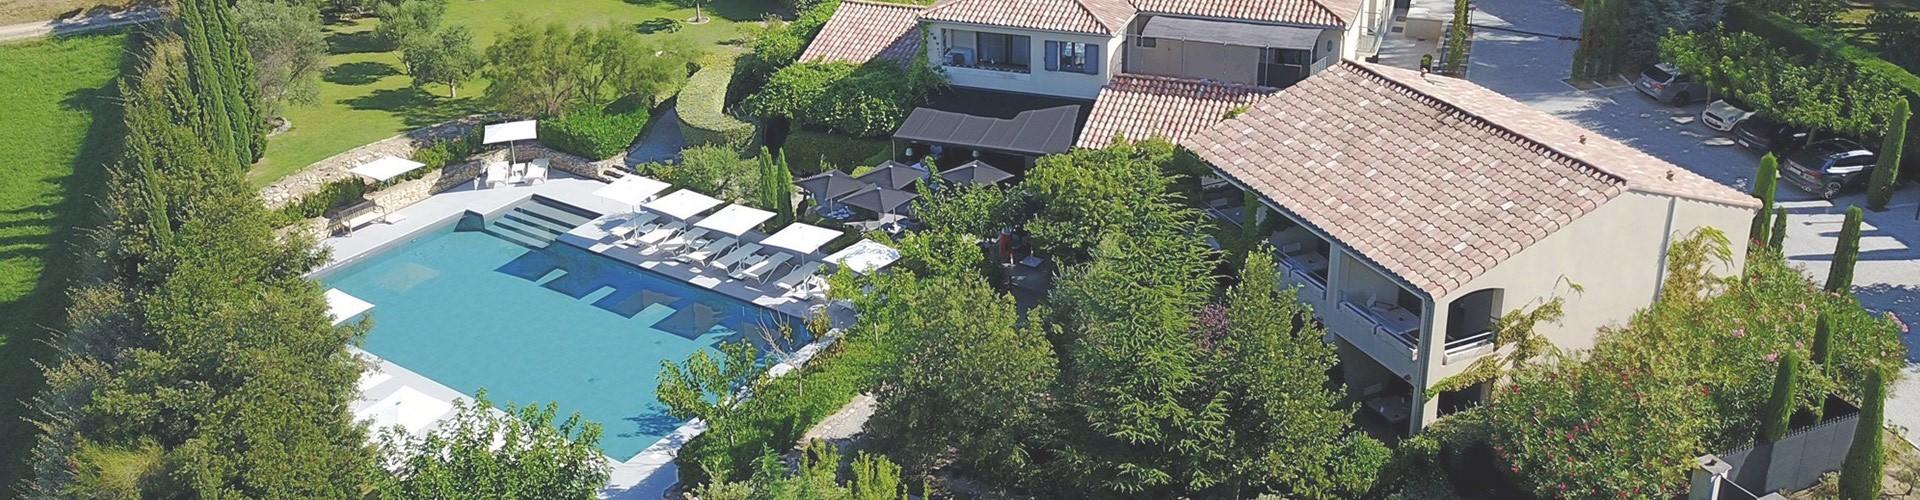 Séjours 1 nuit Hôtel 4* en Provence à offrir - bboutique